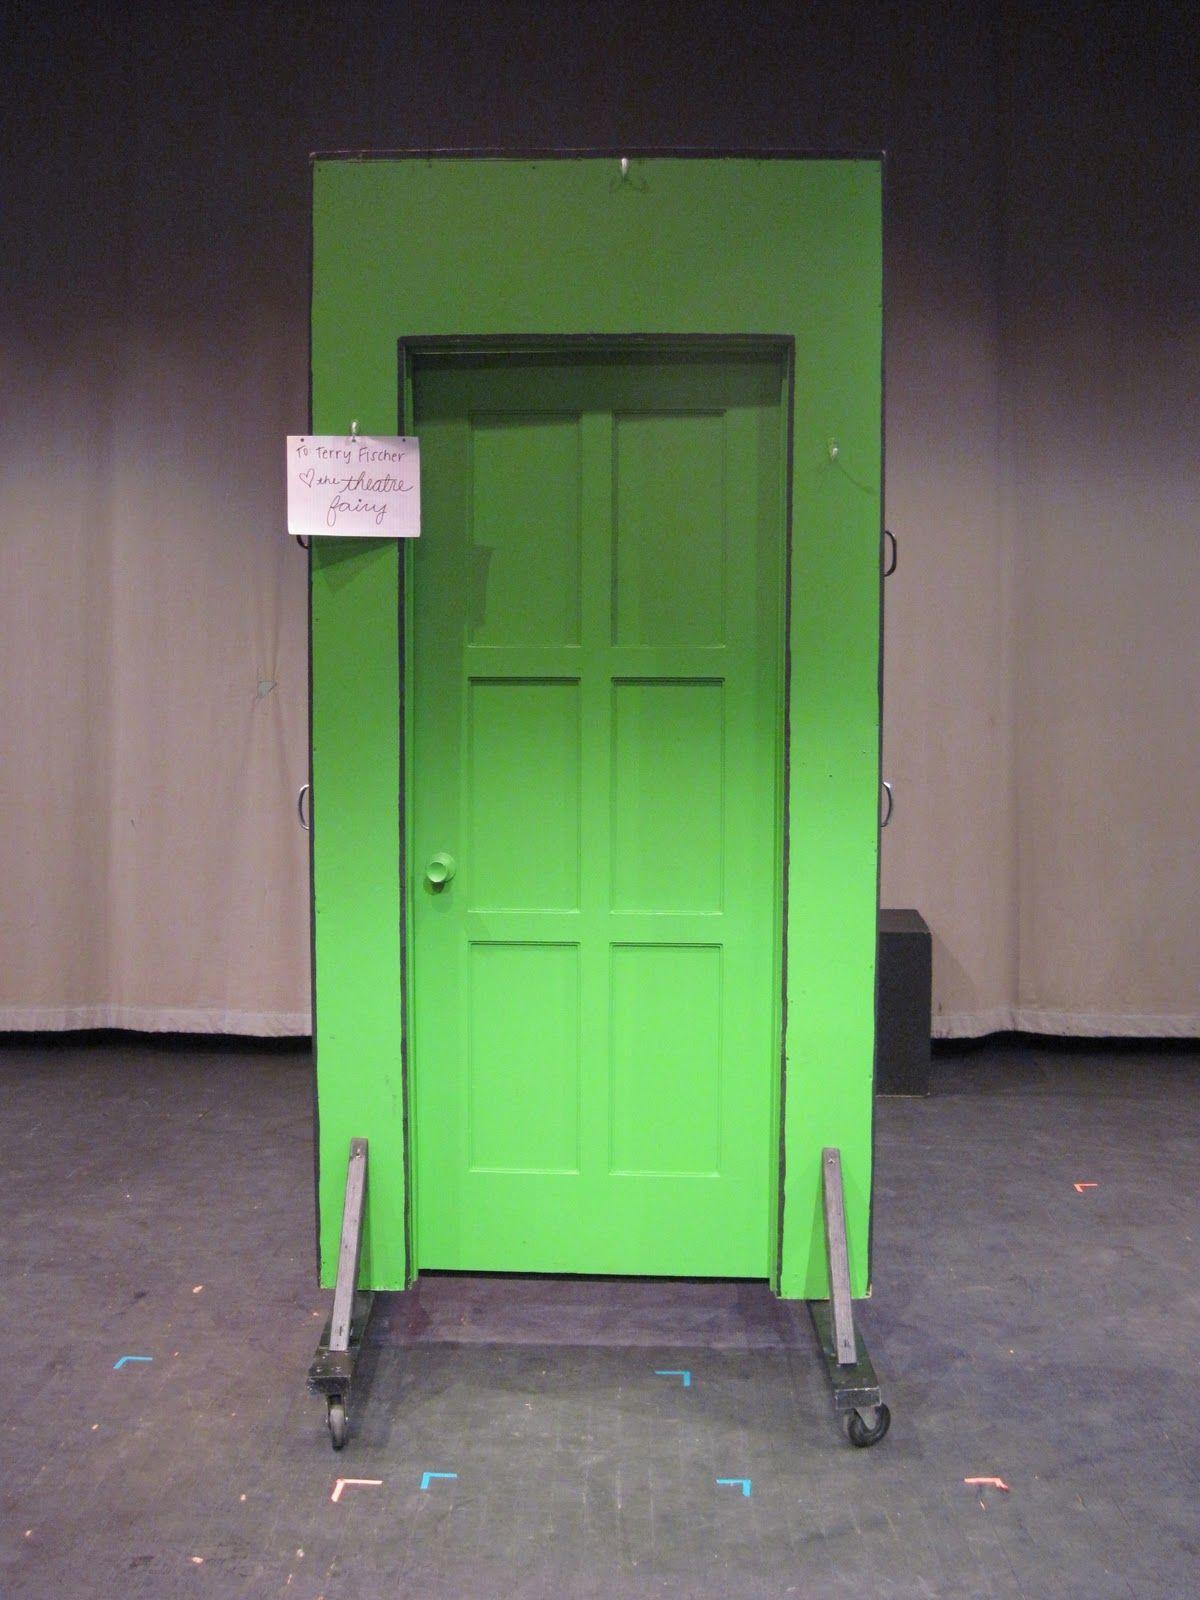 free standing door prop | The sign on the door says To Terry Fischer & free standing door prop | The sign on the door says To: Terry ...